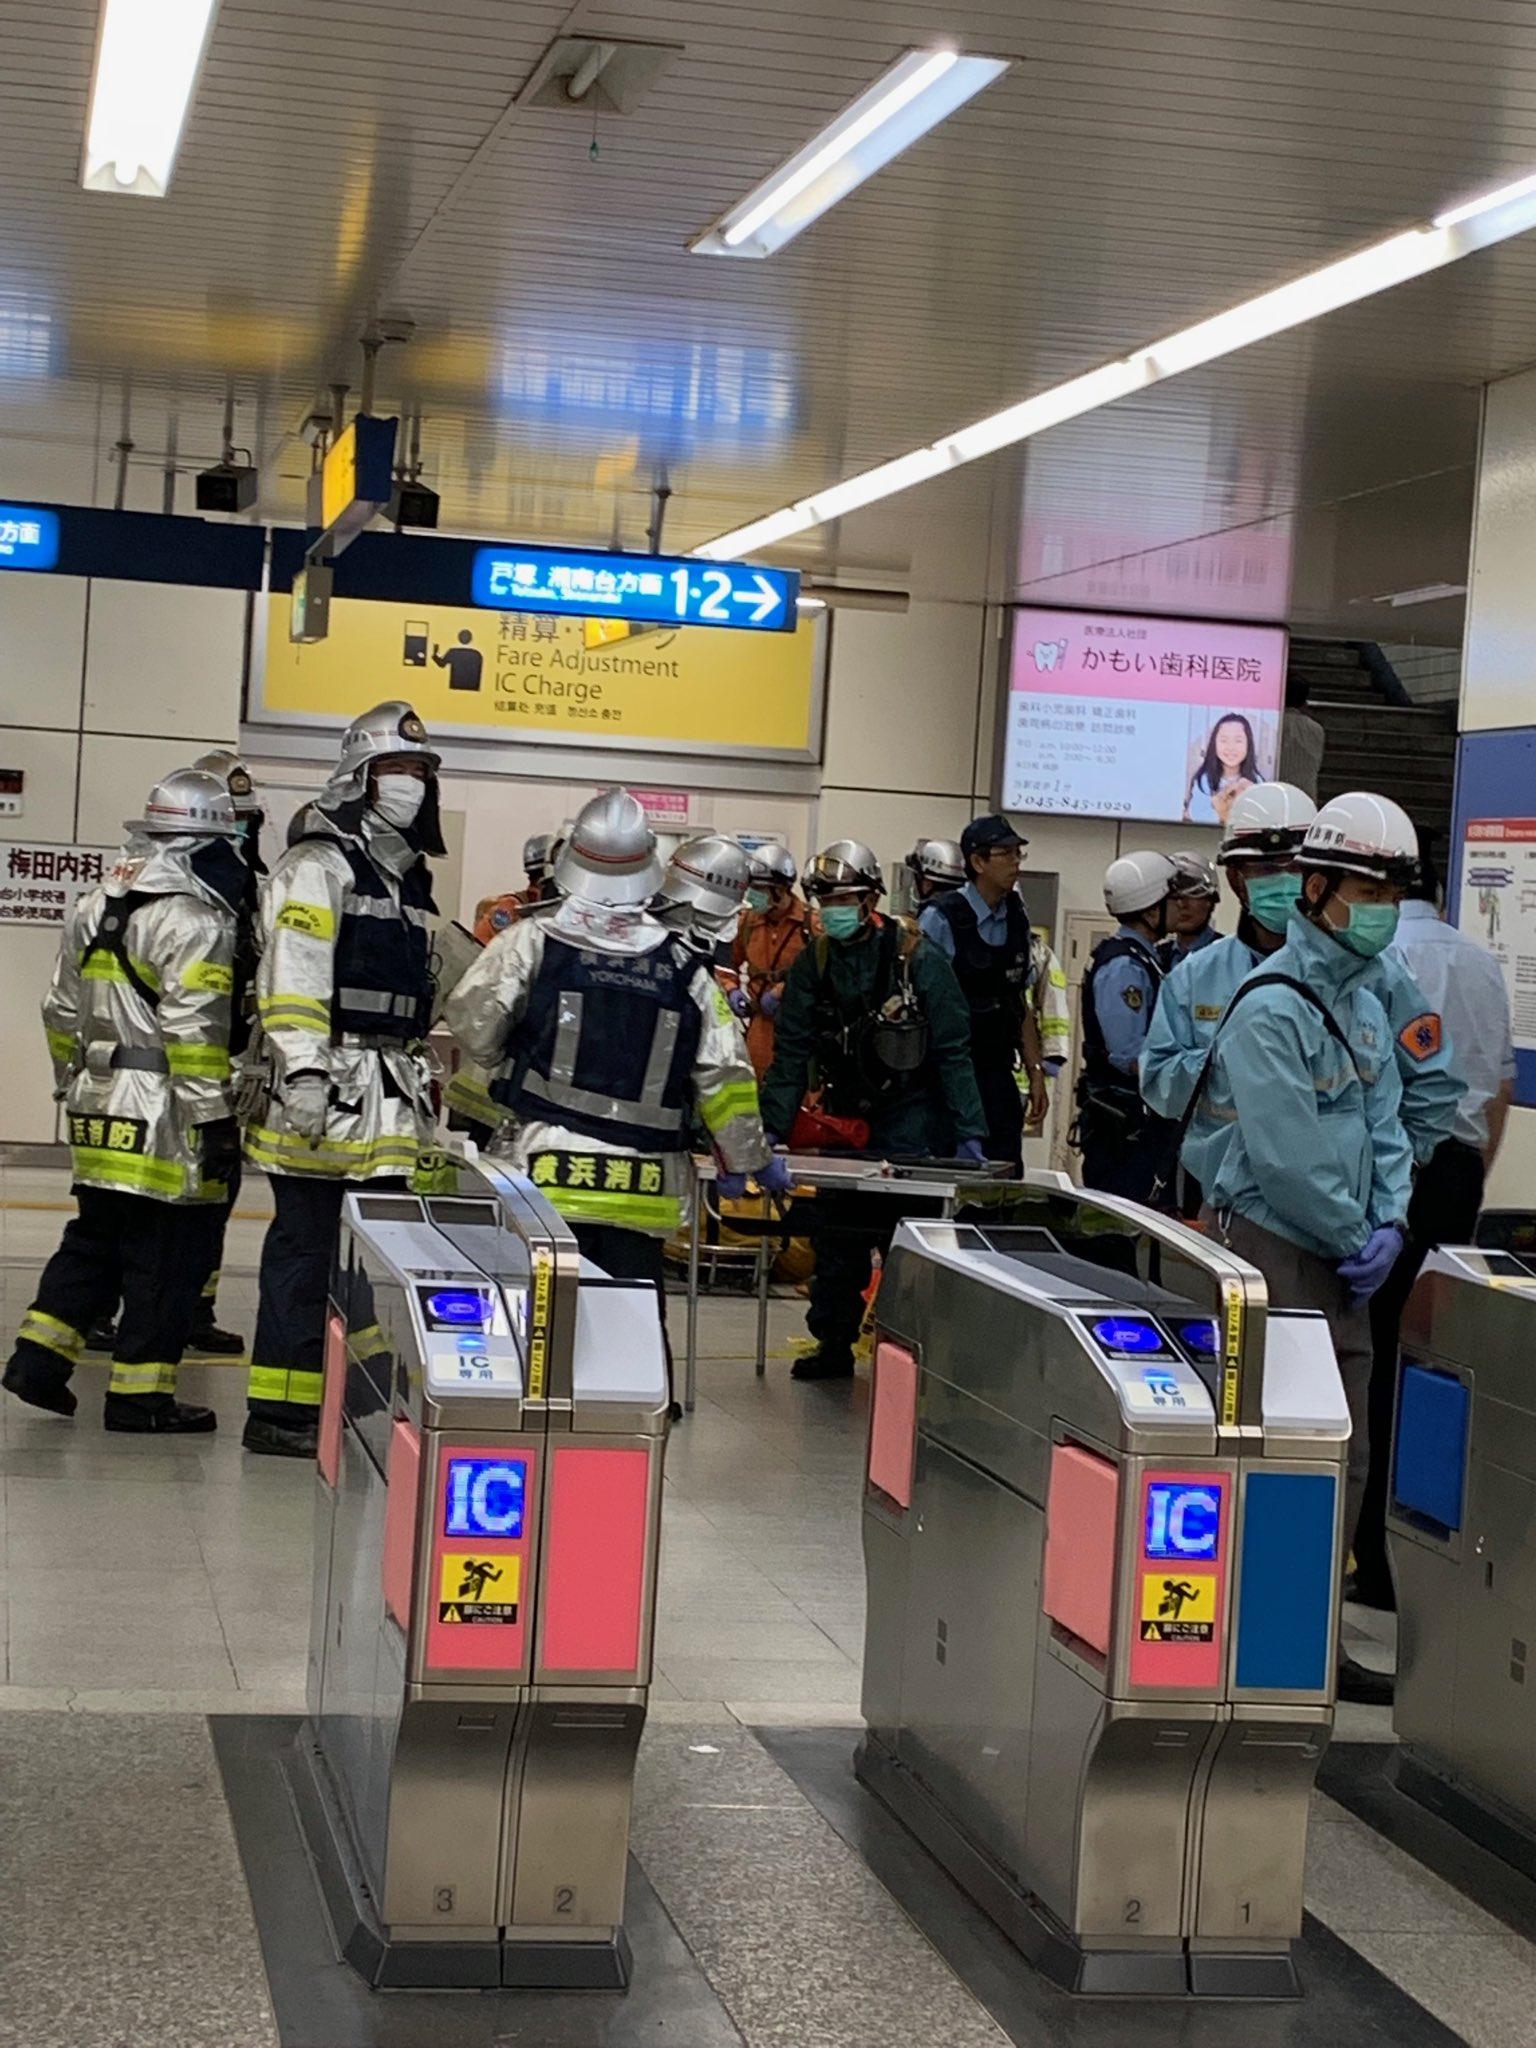 横浜市営地下鉄ブルーラインの上永谷駅で不審物が見つかった現場画像